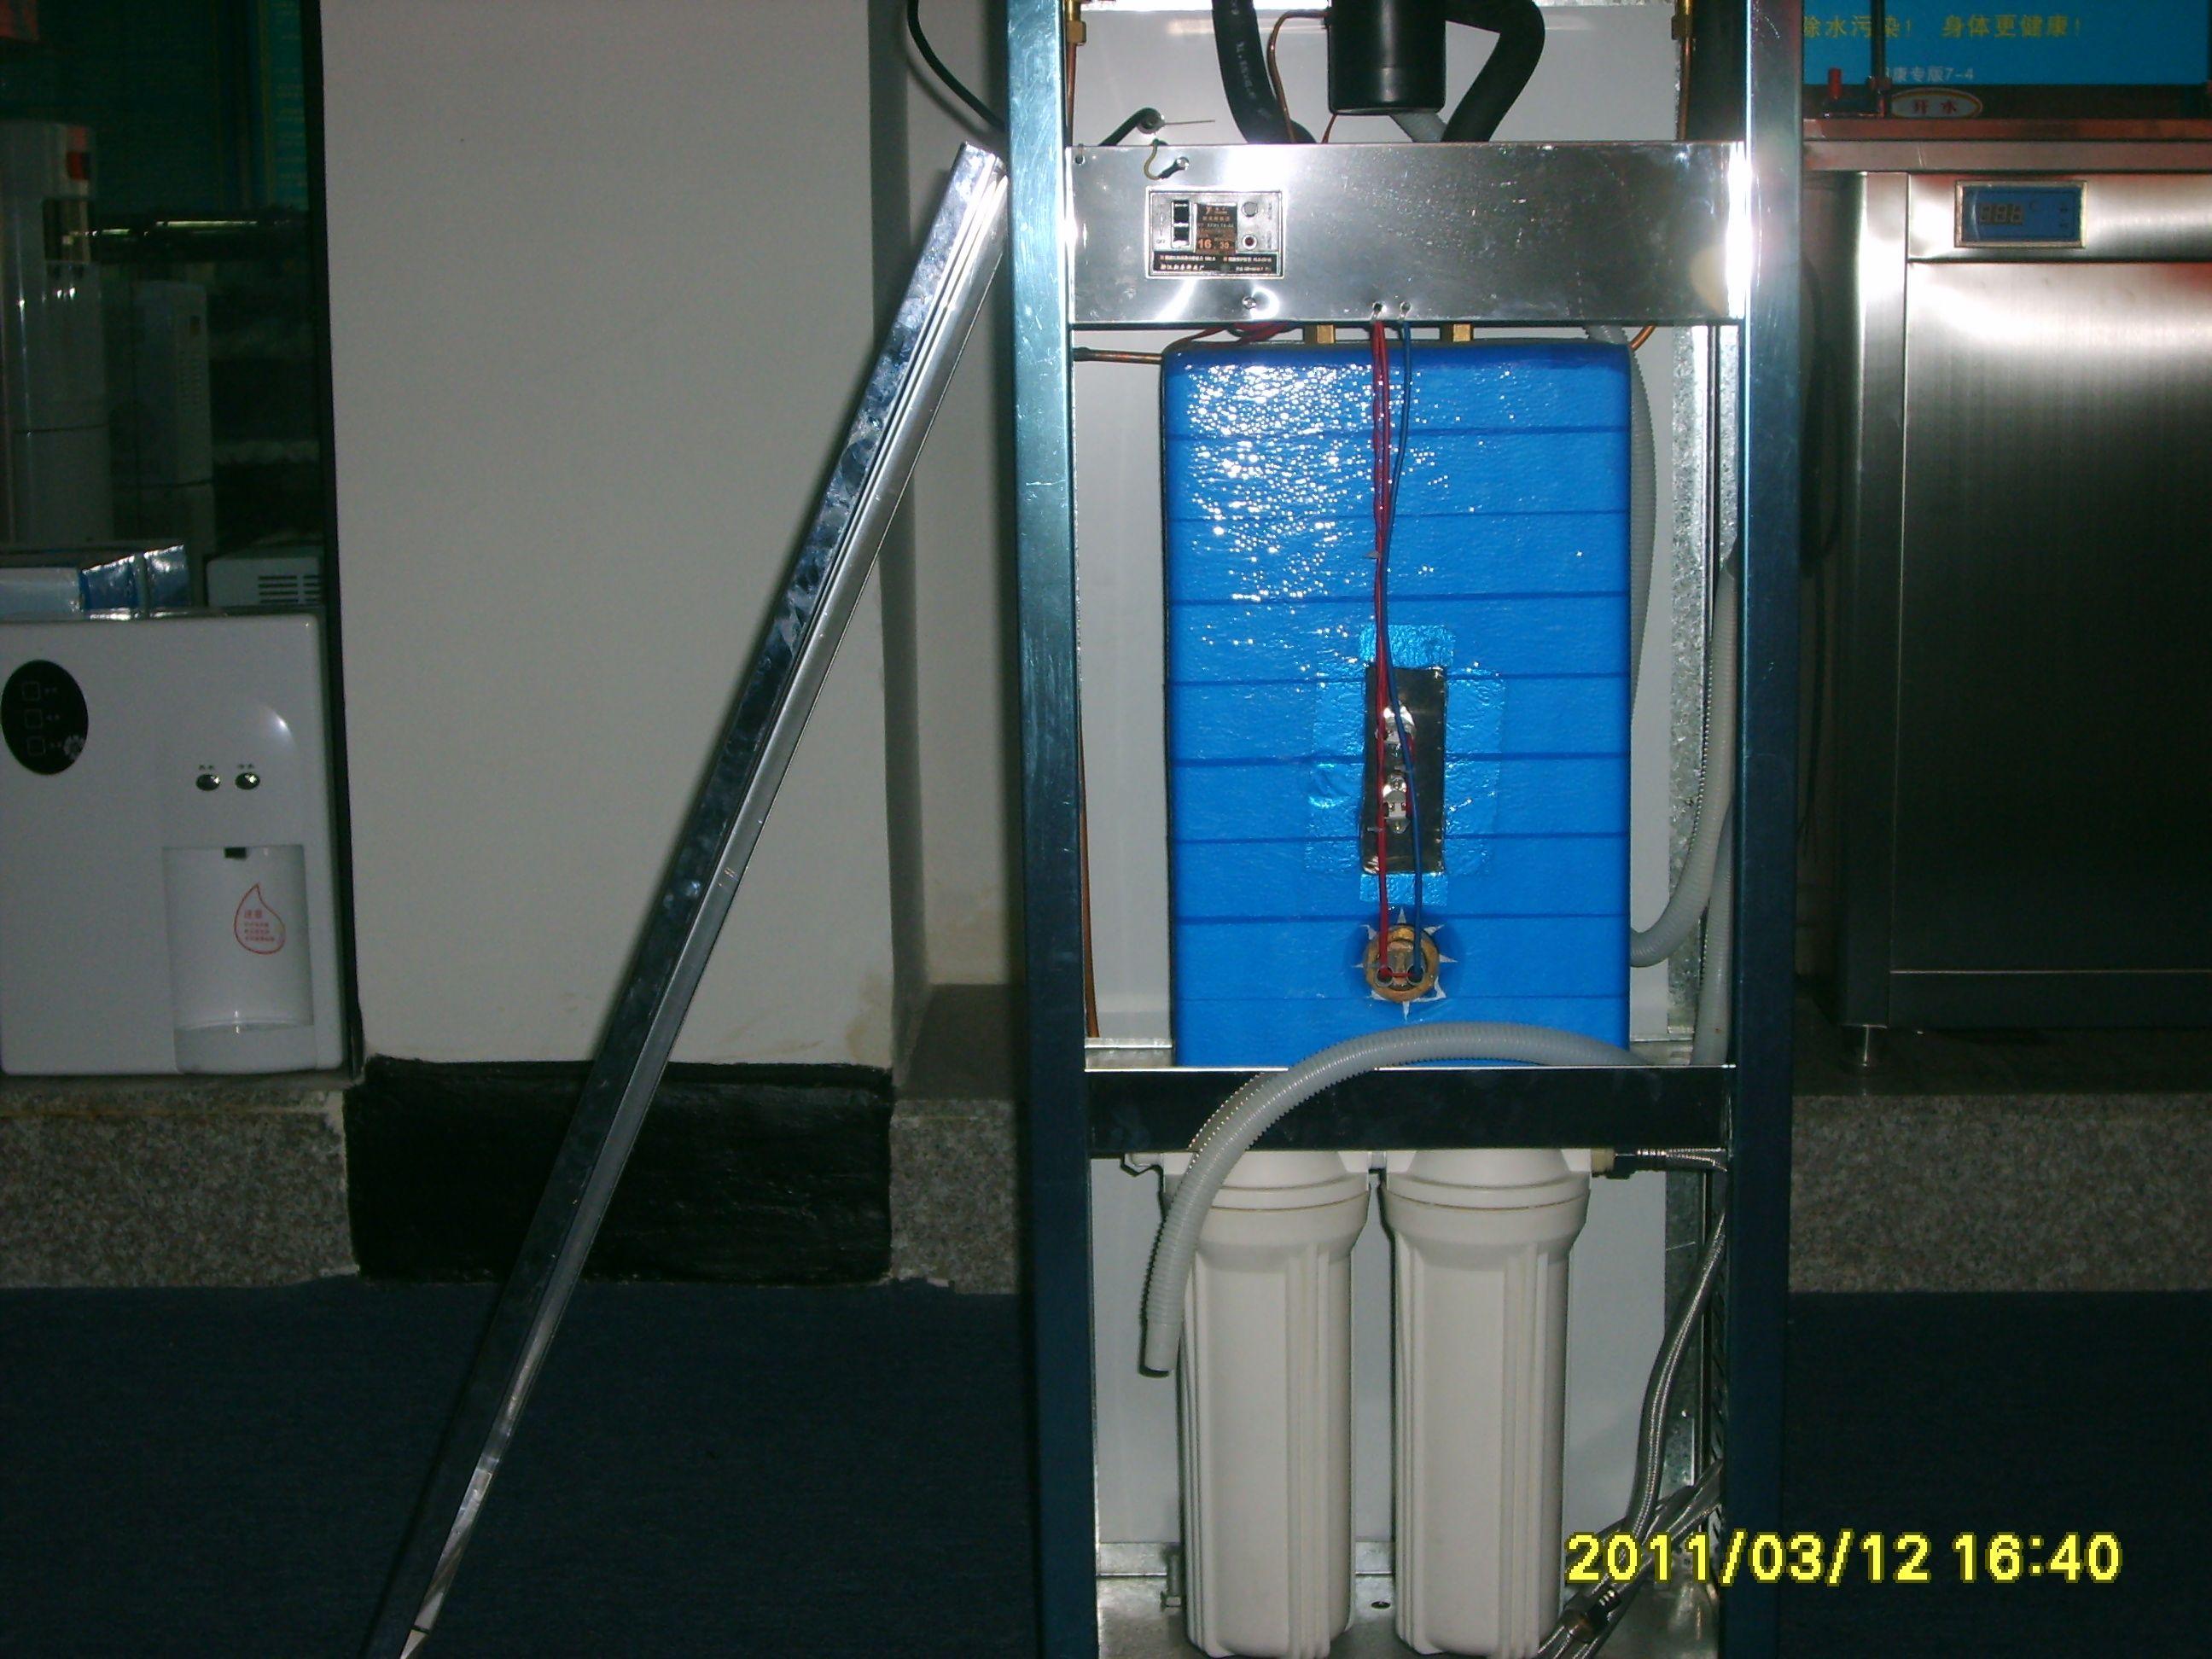 7,带电磁阀的节能开水机,水不开则无水流出,确保不饮用生水.图片